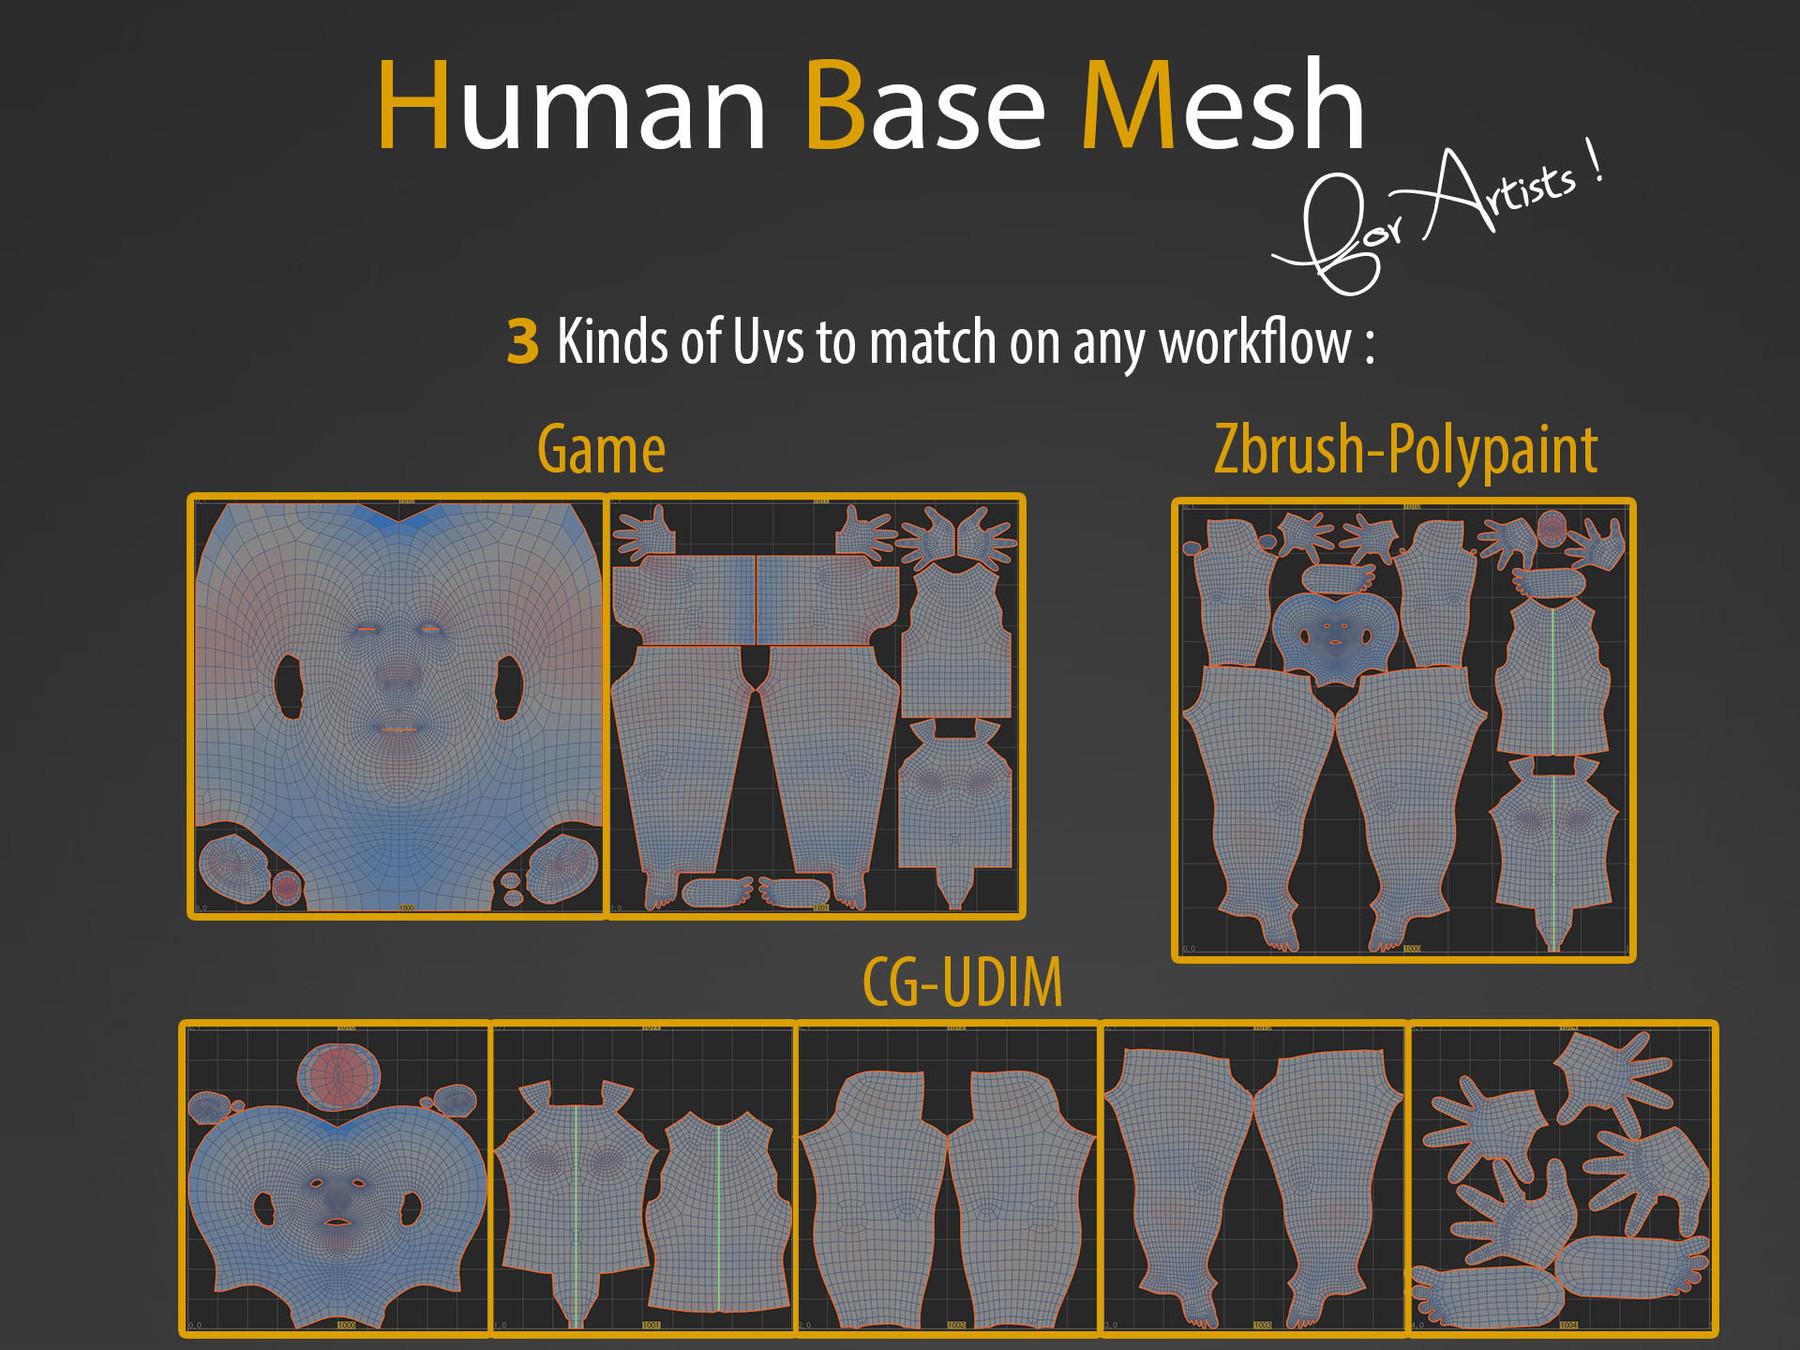 Human bm img3